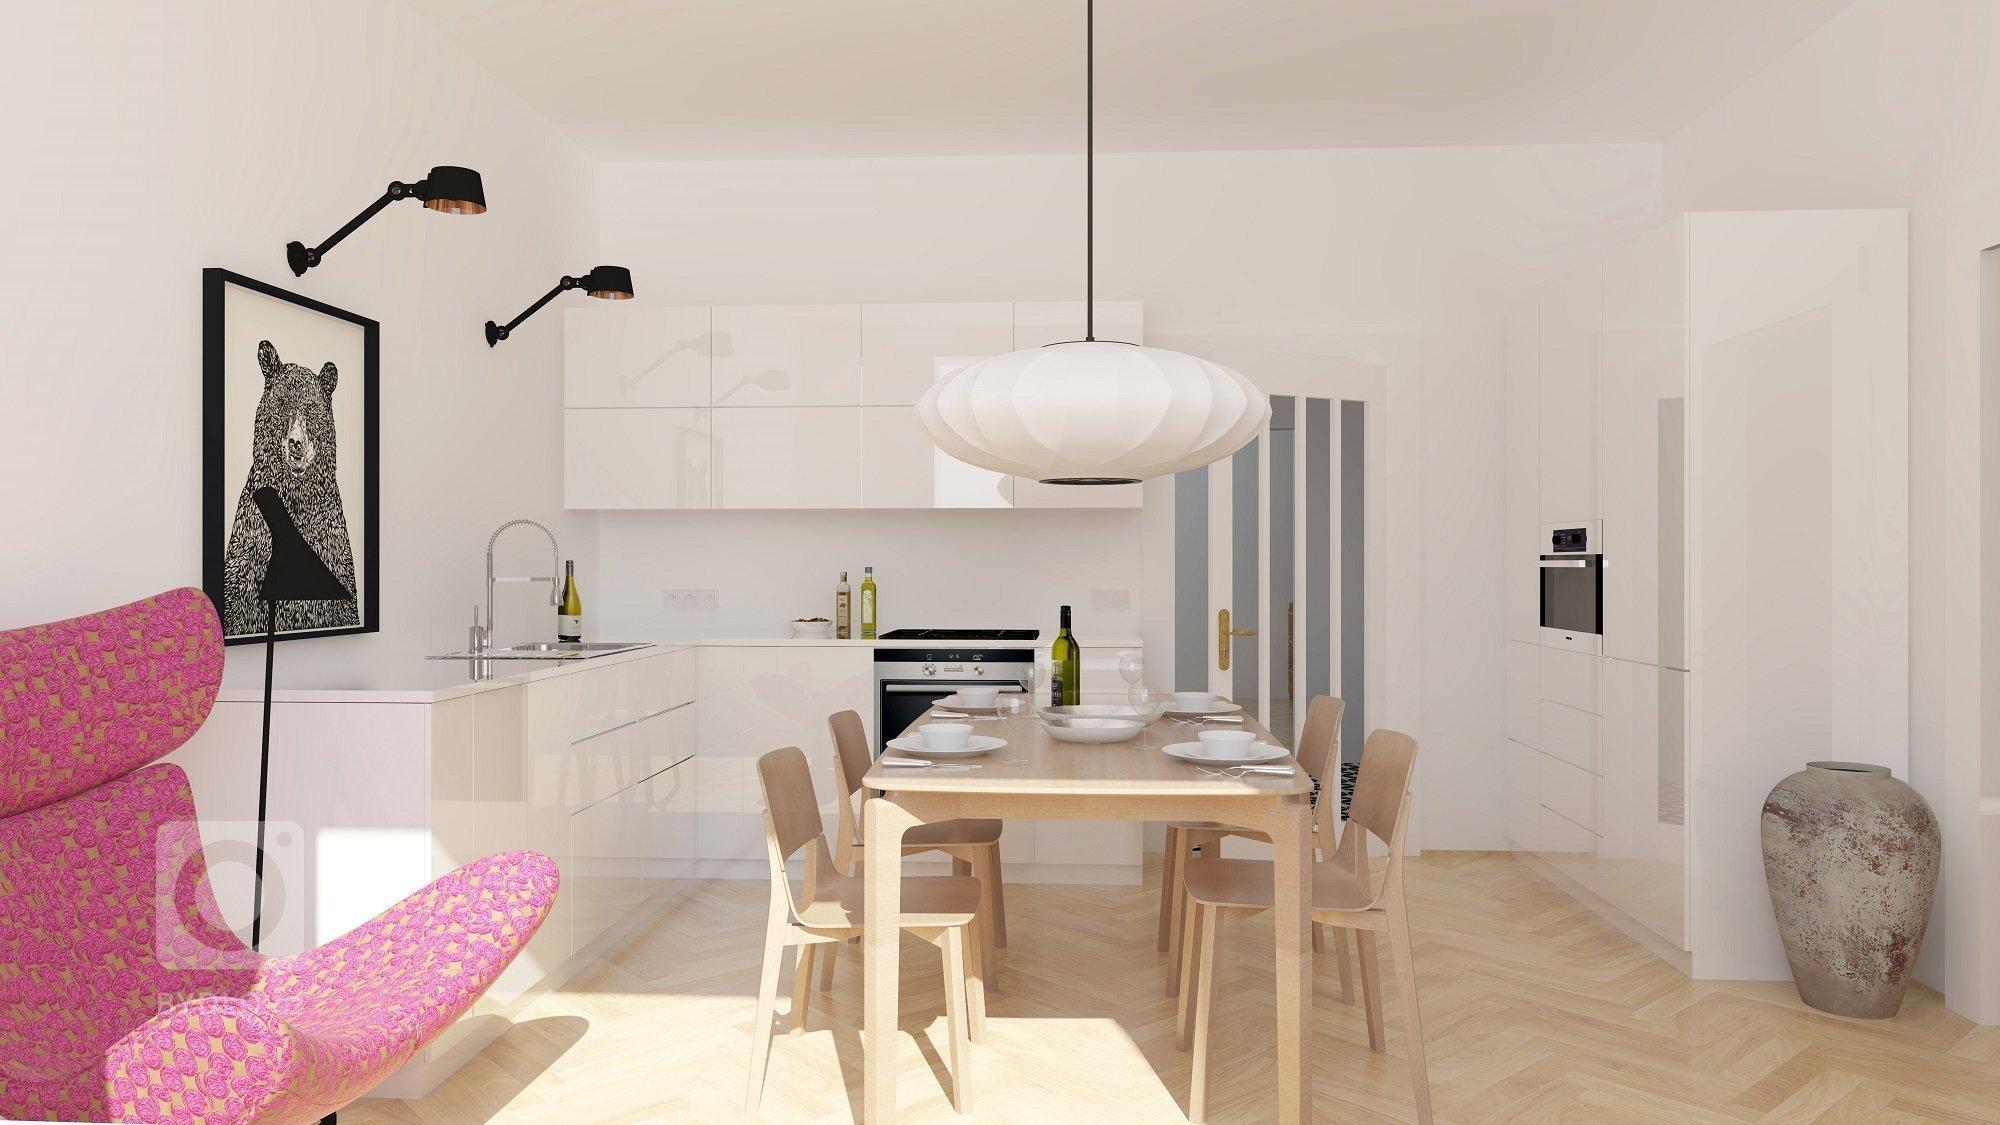 Rekonstrukce bytu na Ořechovce - kuchyně s jídelnou